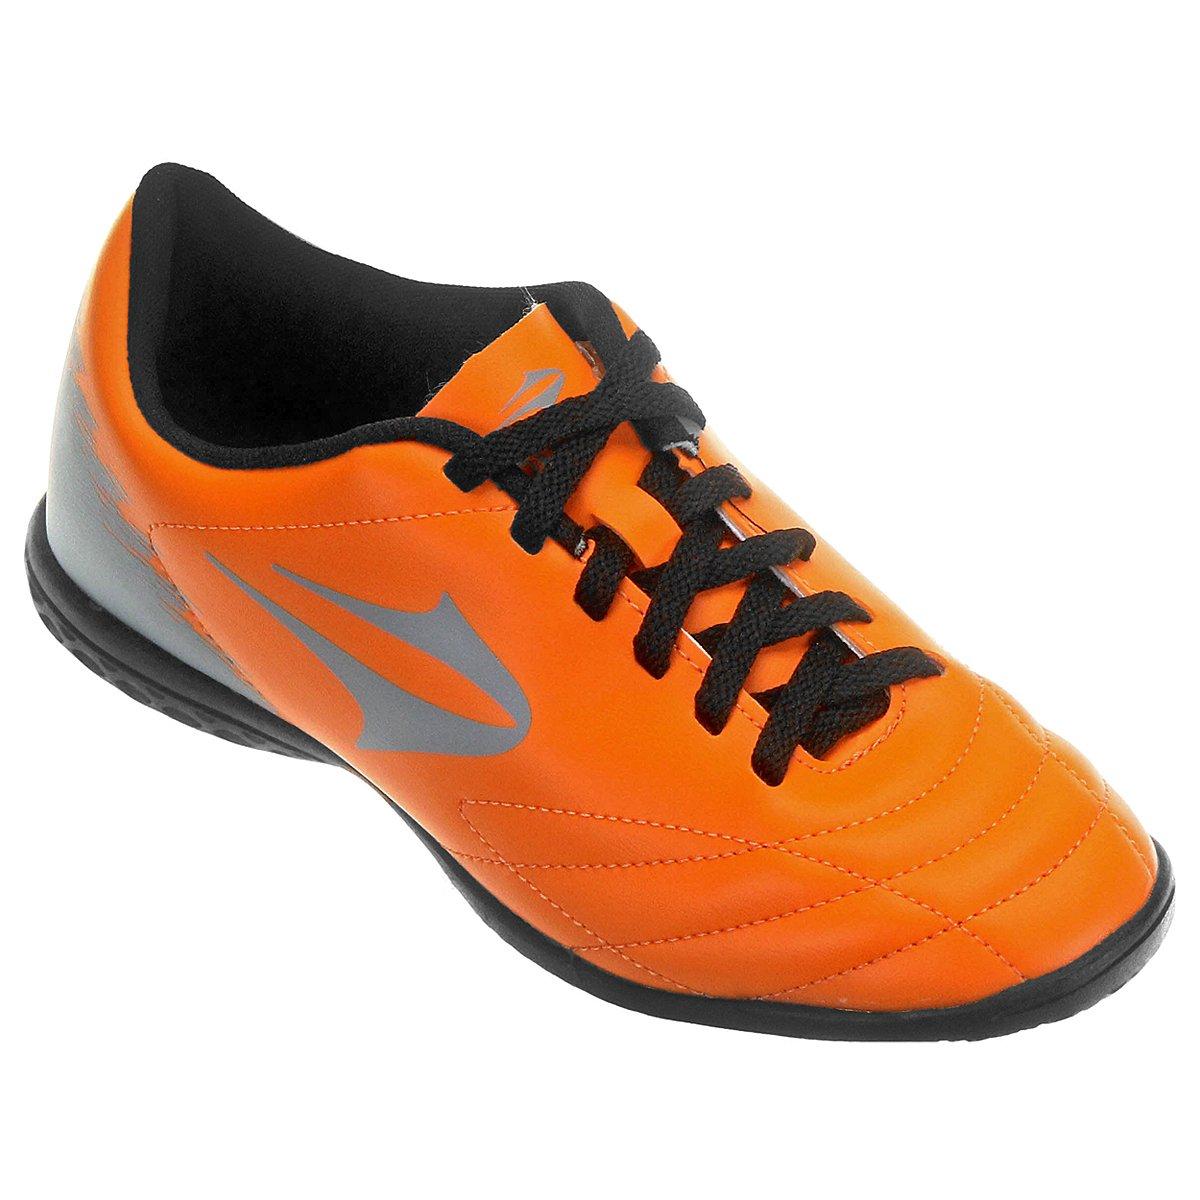 edfc75abbf Chuteira Futsal Topper Slick 2 Masculina - Compre Agora